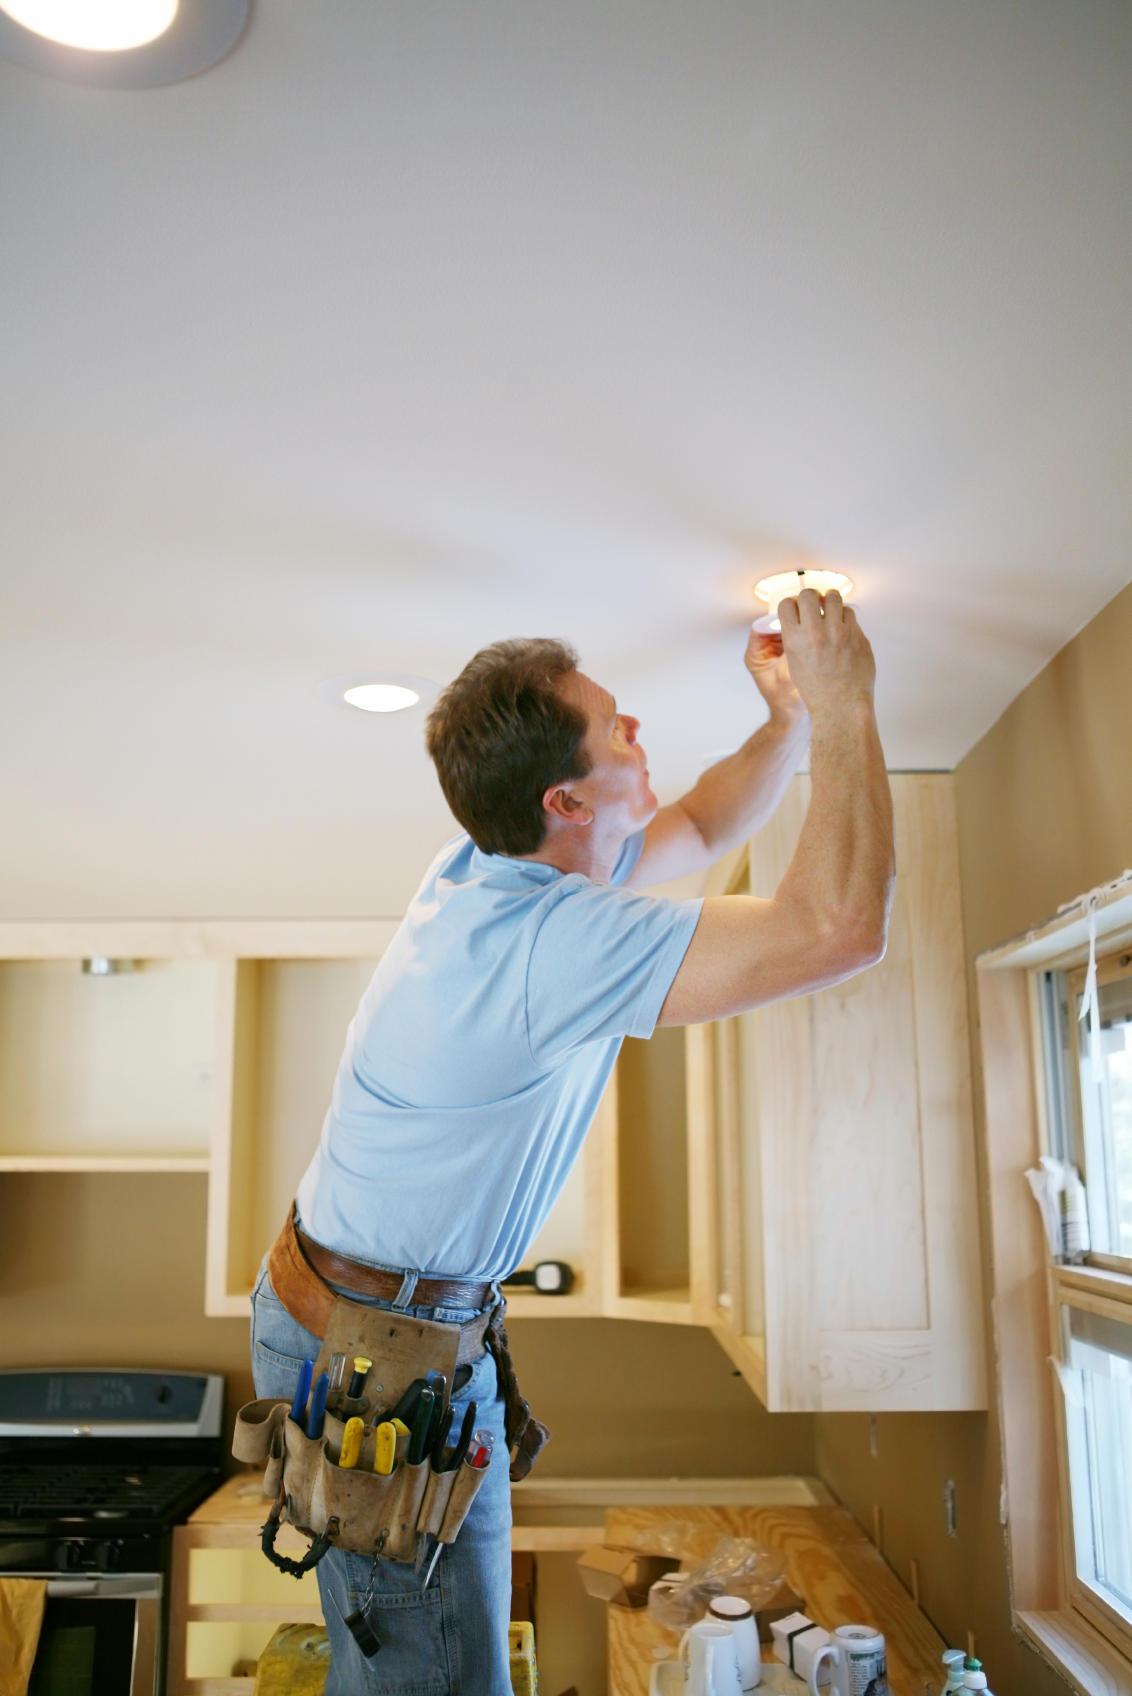 Установка точечных светильников в гипсокартон своими руками инструкция